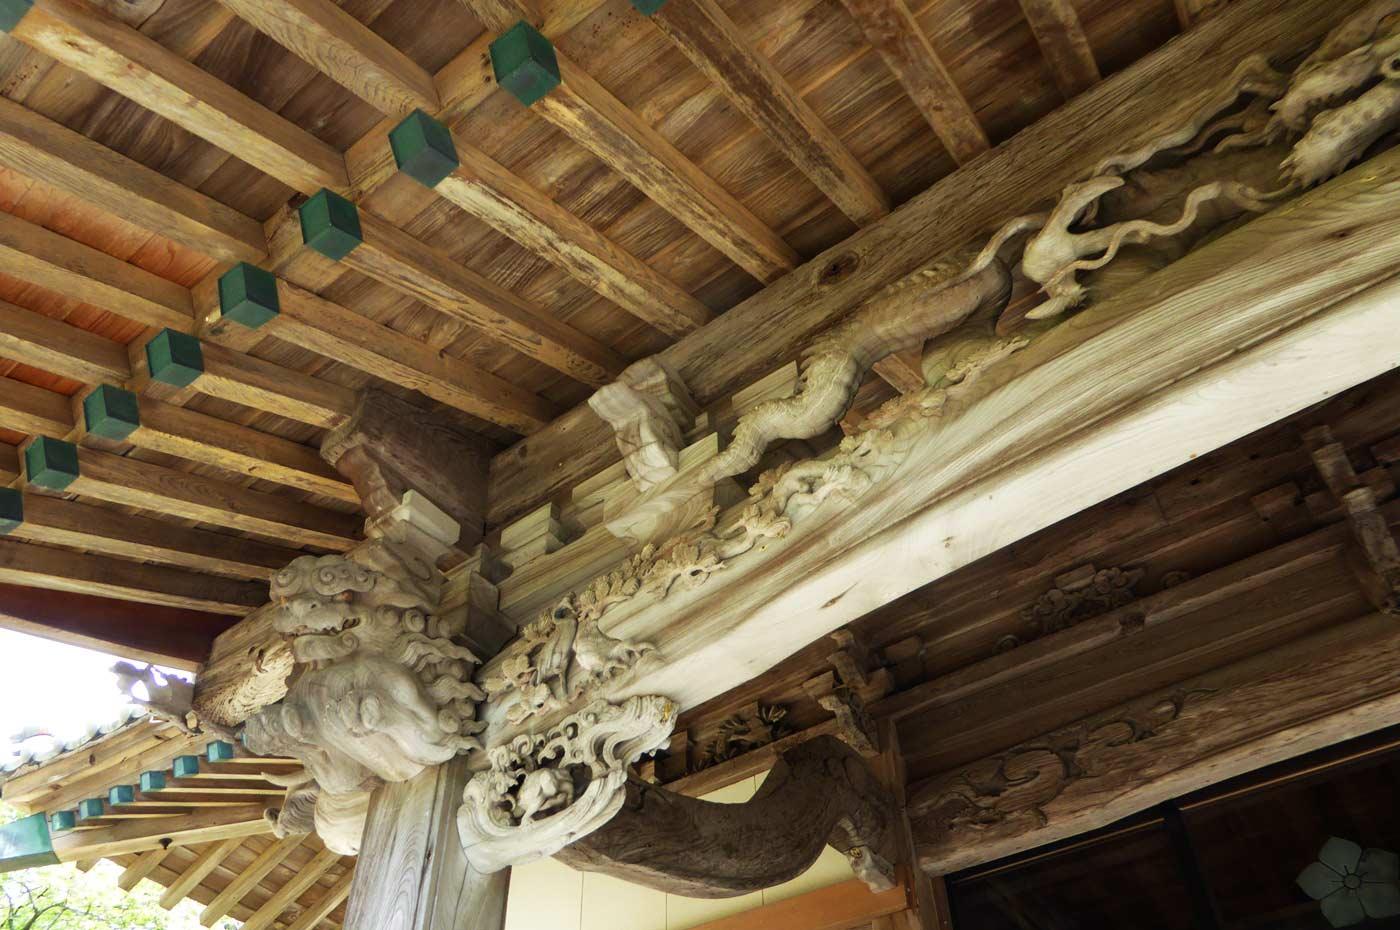 後藤利兵衛橘義光の龍の彫刻 左